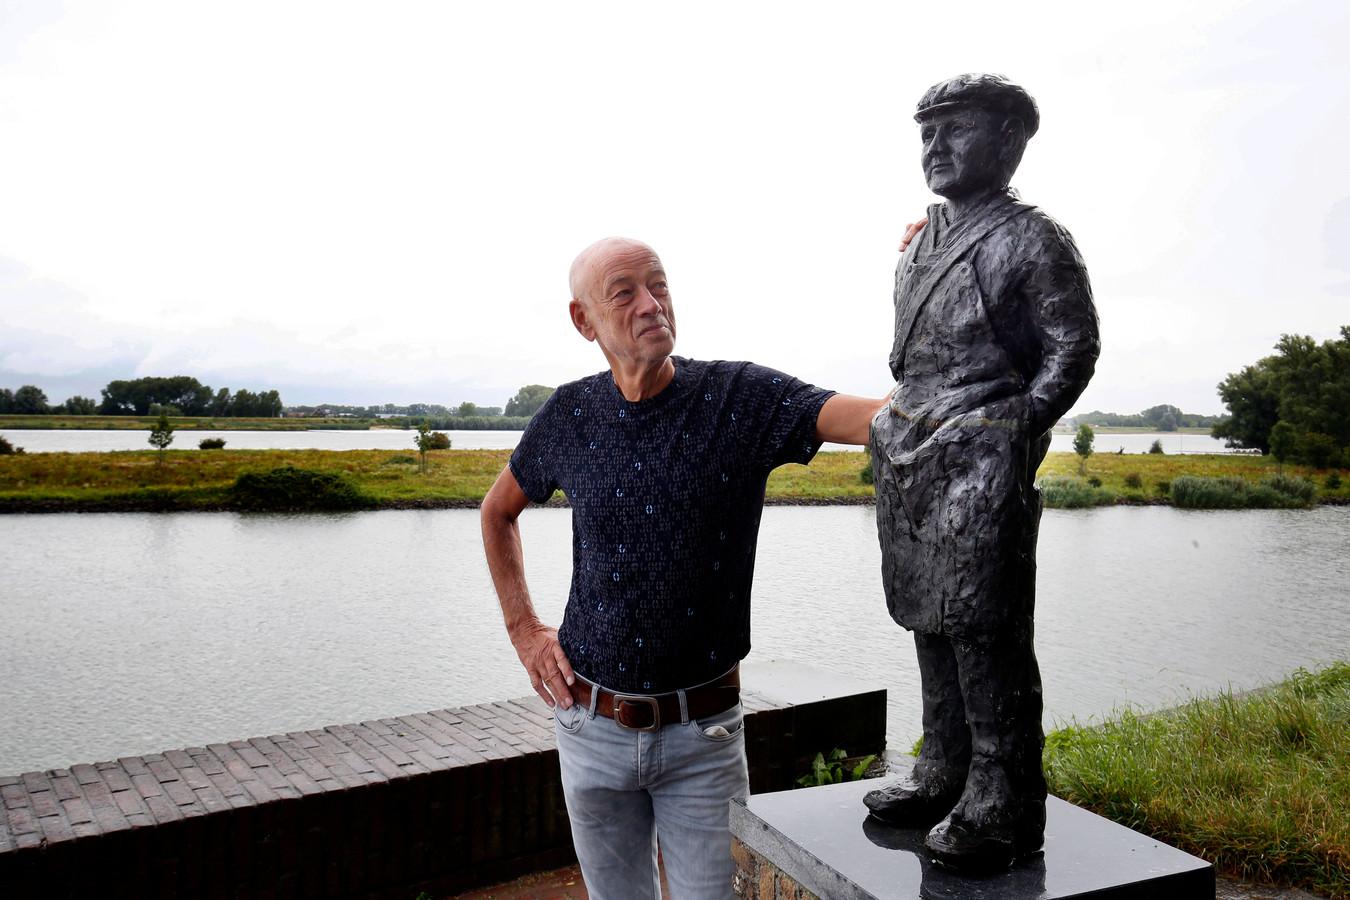 Schrijver en journalist Piet Hartman zag als kind hoe door overbevissing de zalm uit de Merwede bij Woudrichem verdween. 'Mijn opa was zalmvisser.'